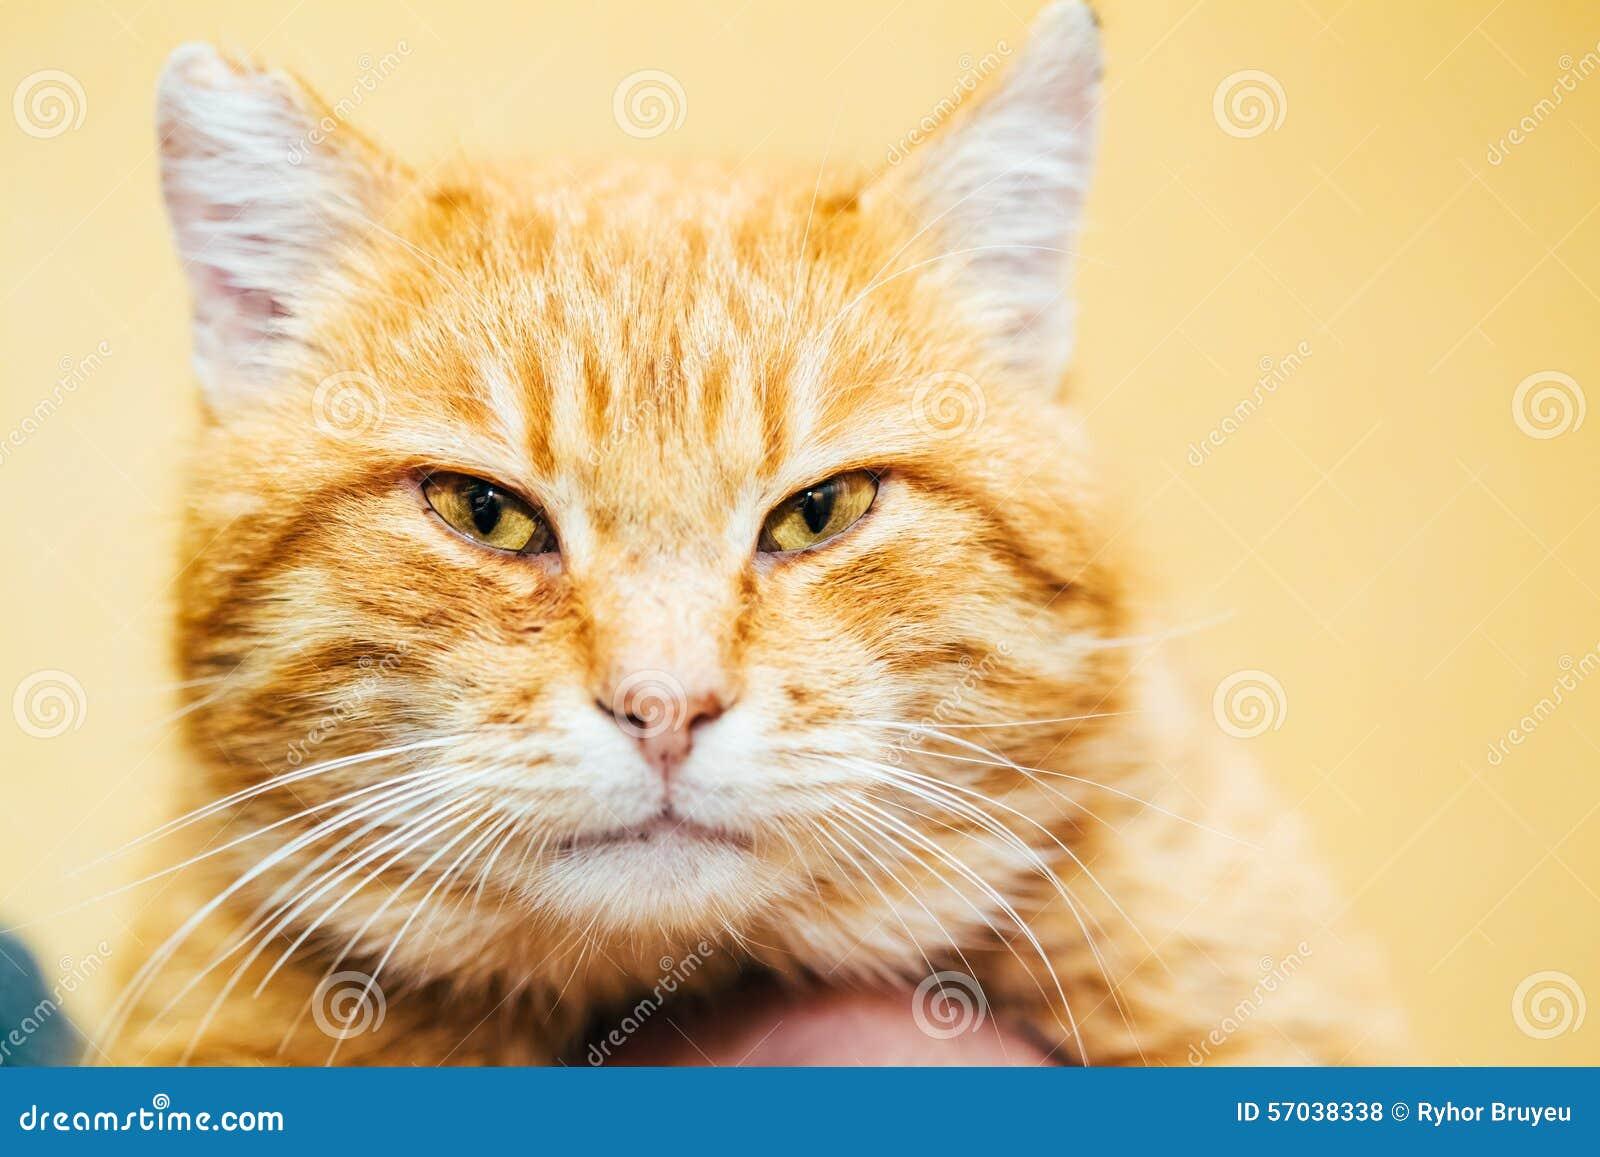 Fermez-vous vers le haut de la tête, museau du rouge orange paisible tigré